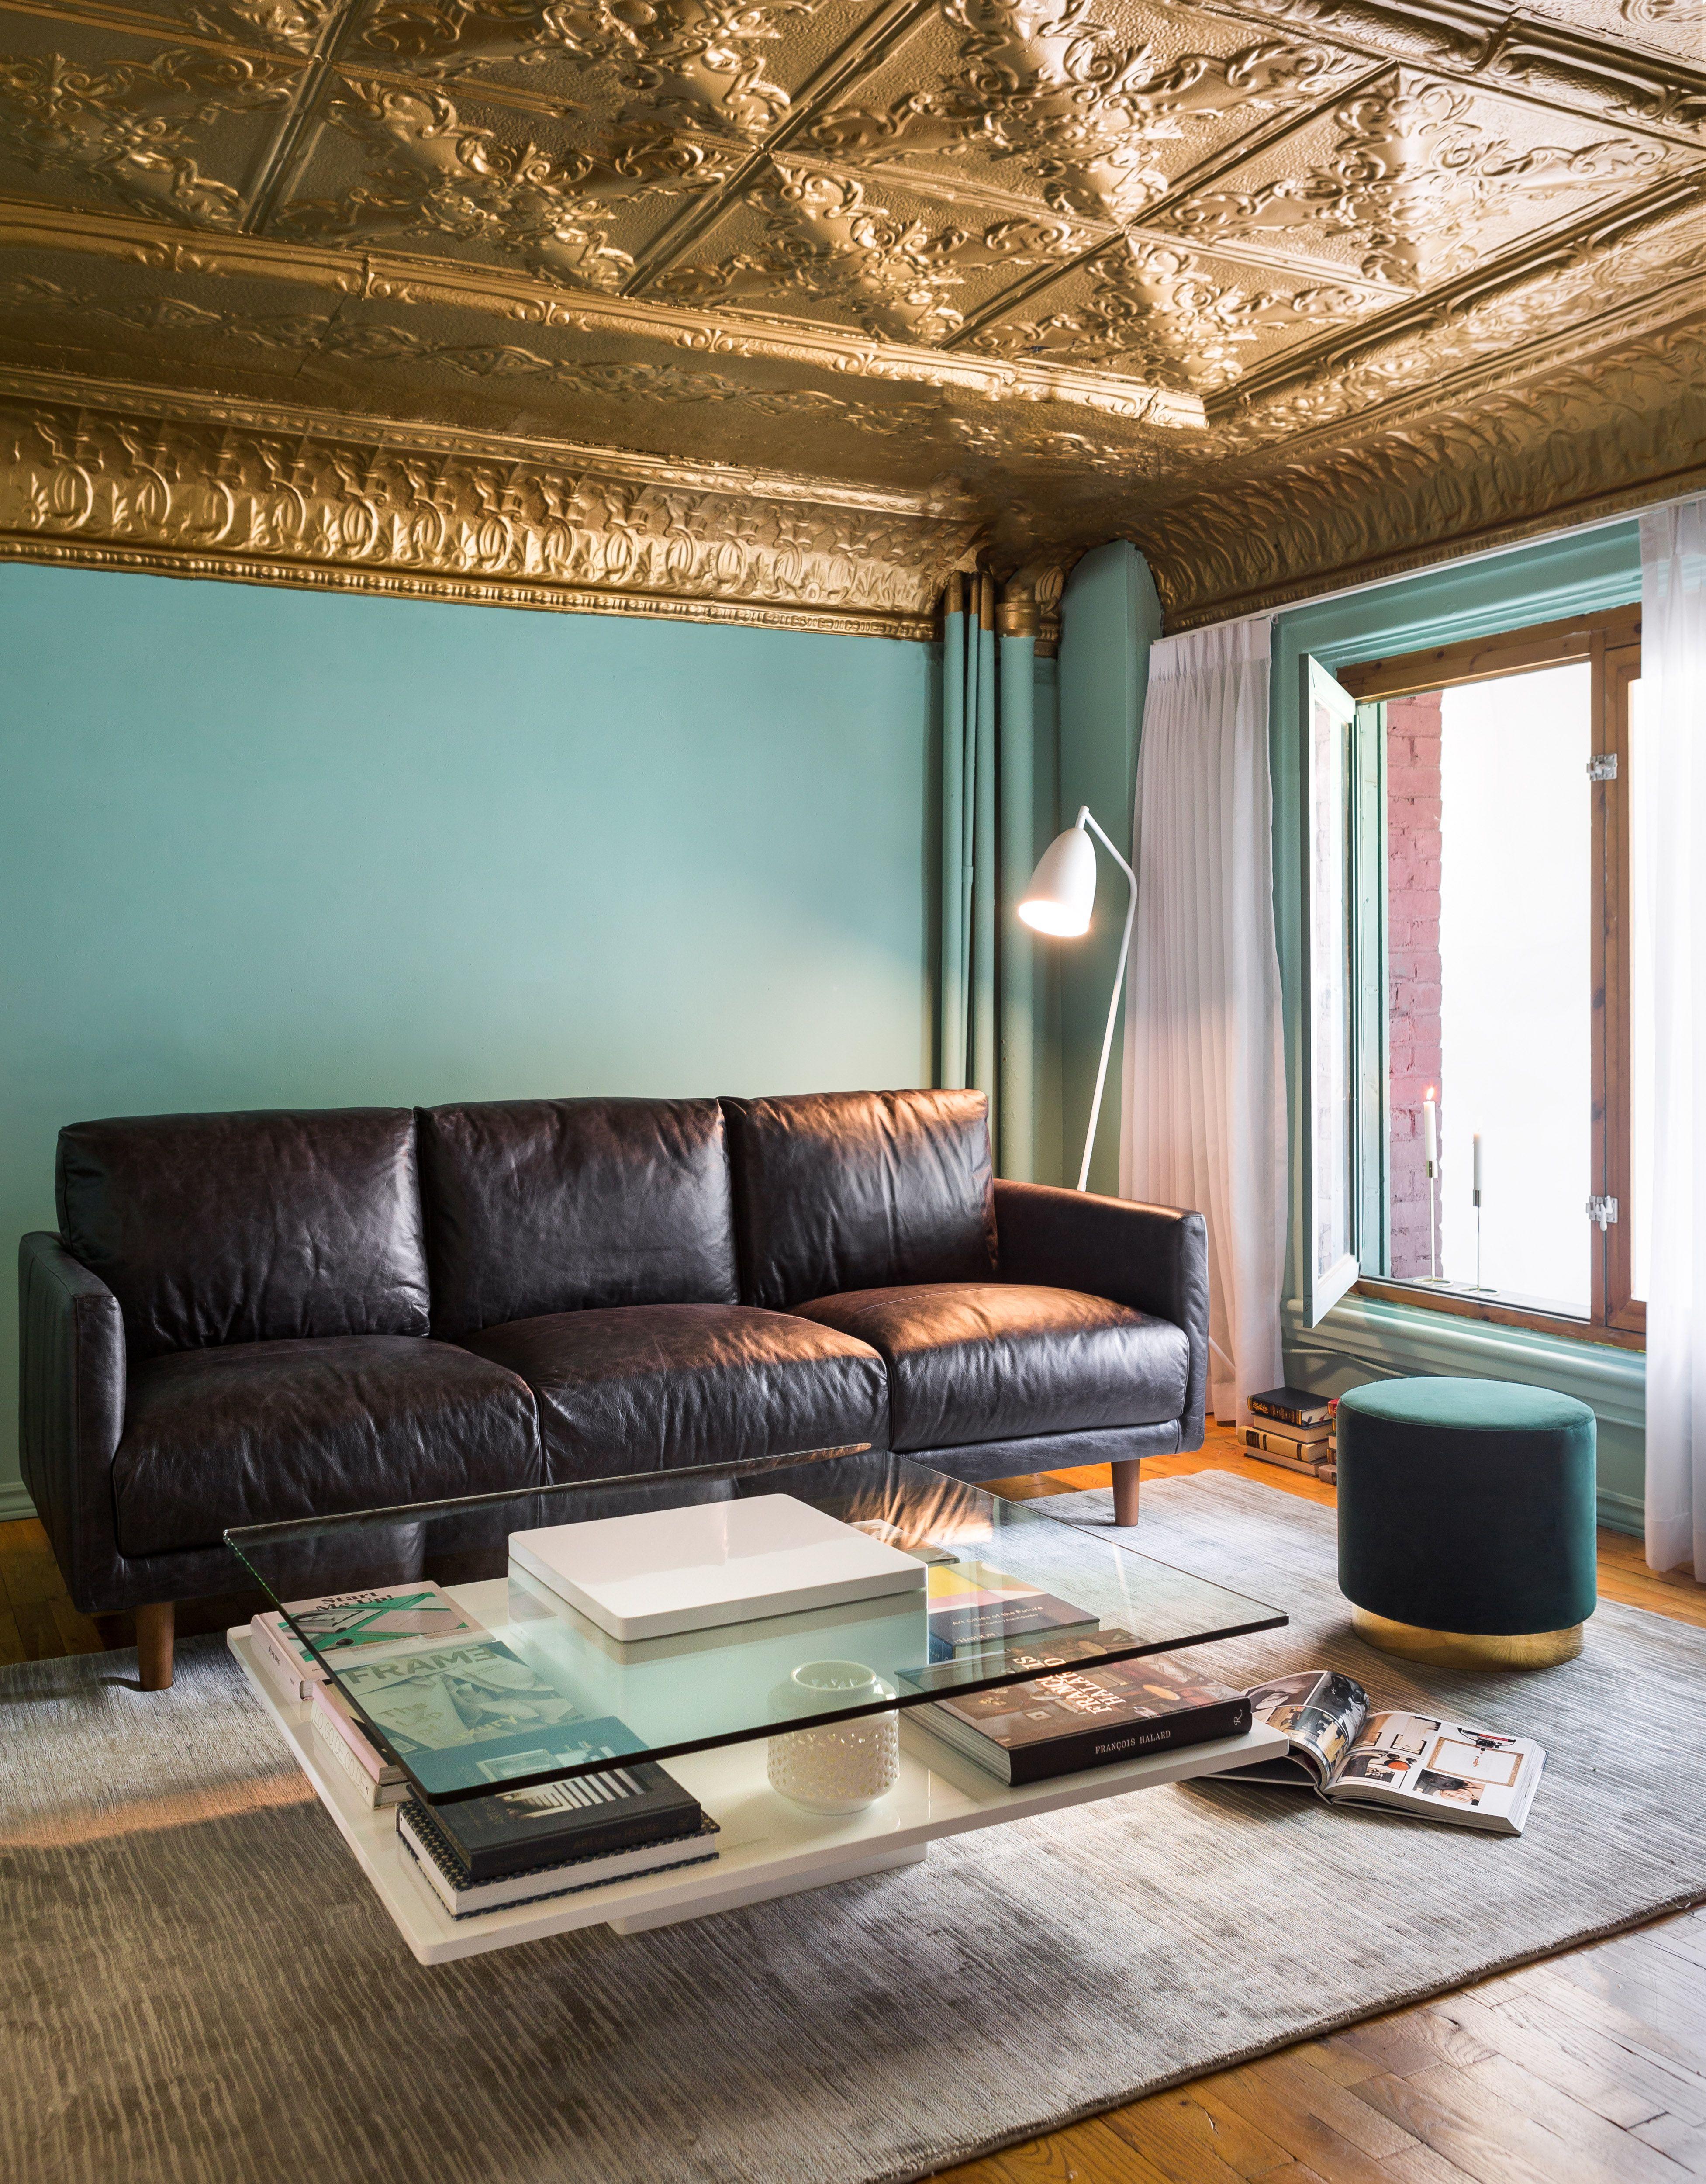 JEFFERSON Leather Seater Sofa Revetement Mur Demeure Et - Canapé 3 places pour deco salle a manger salon